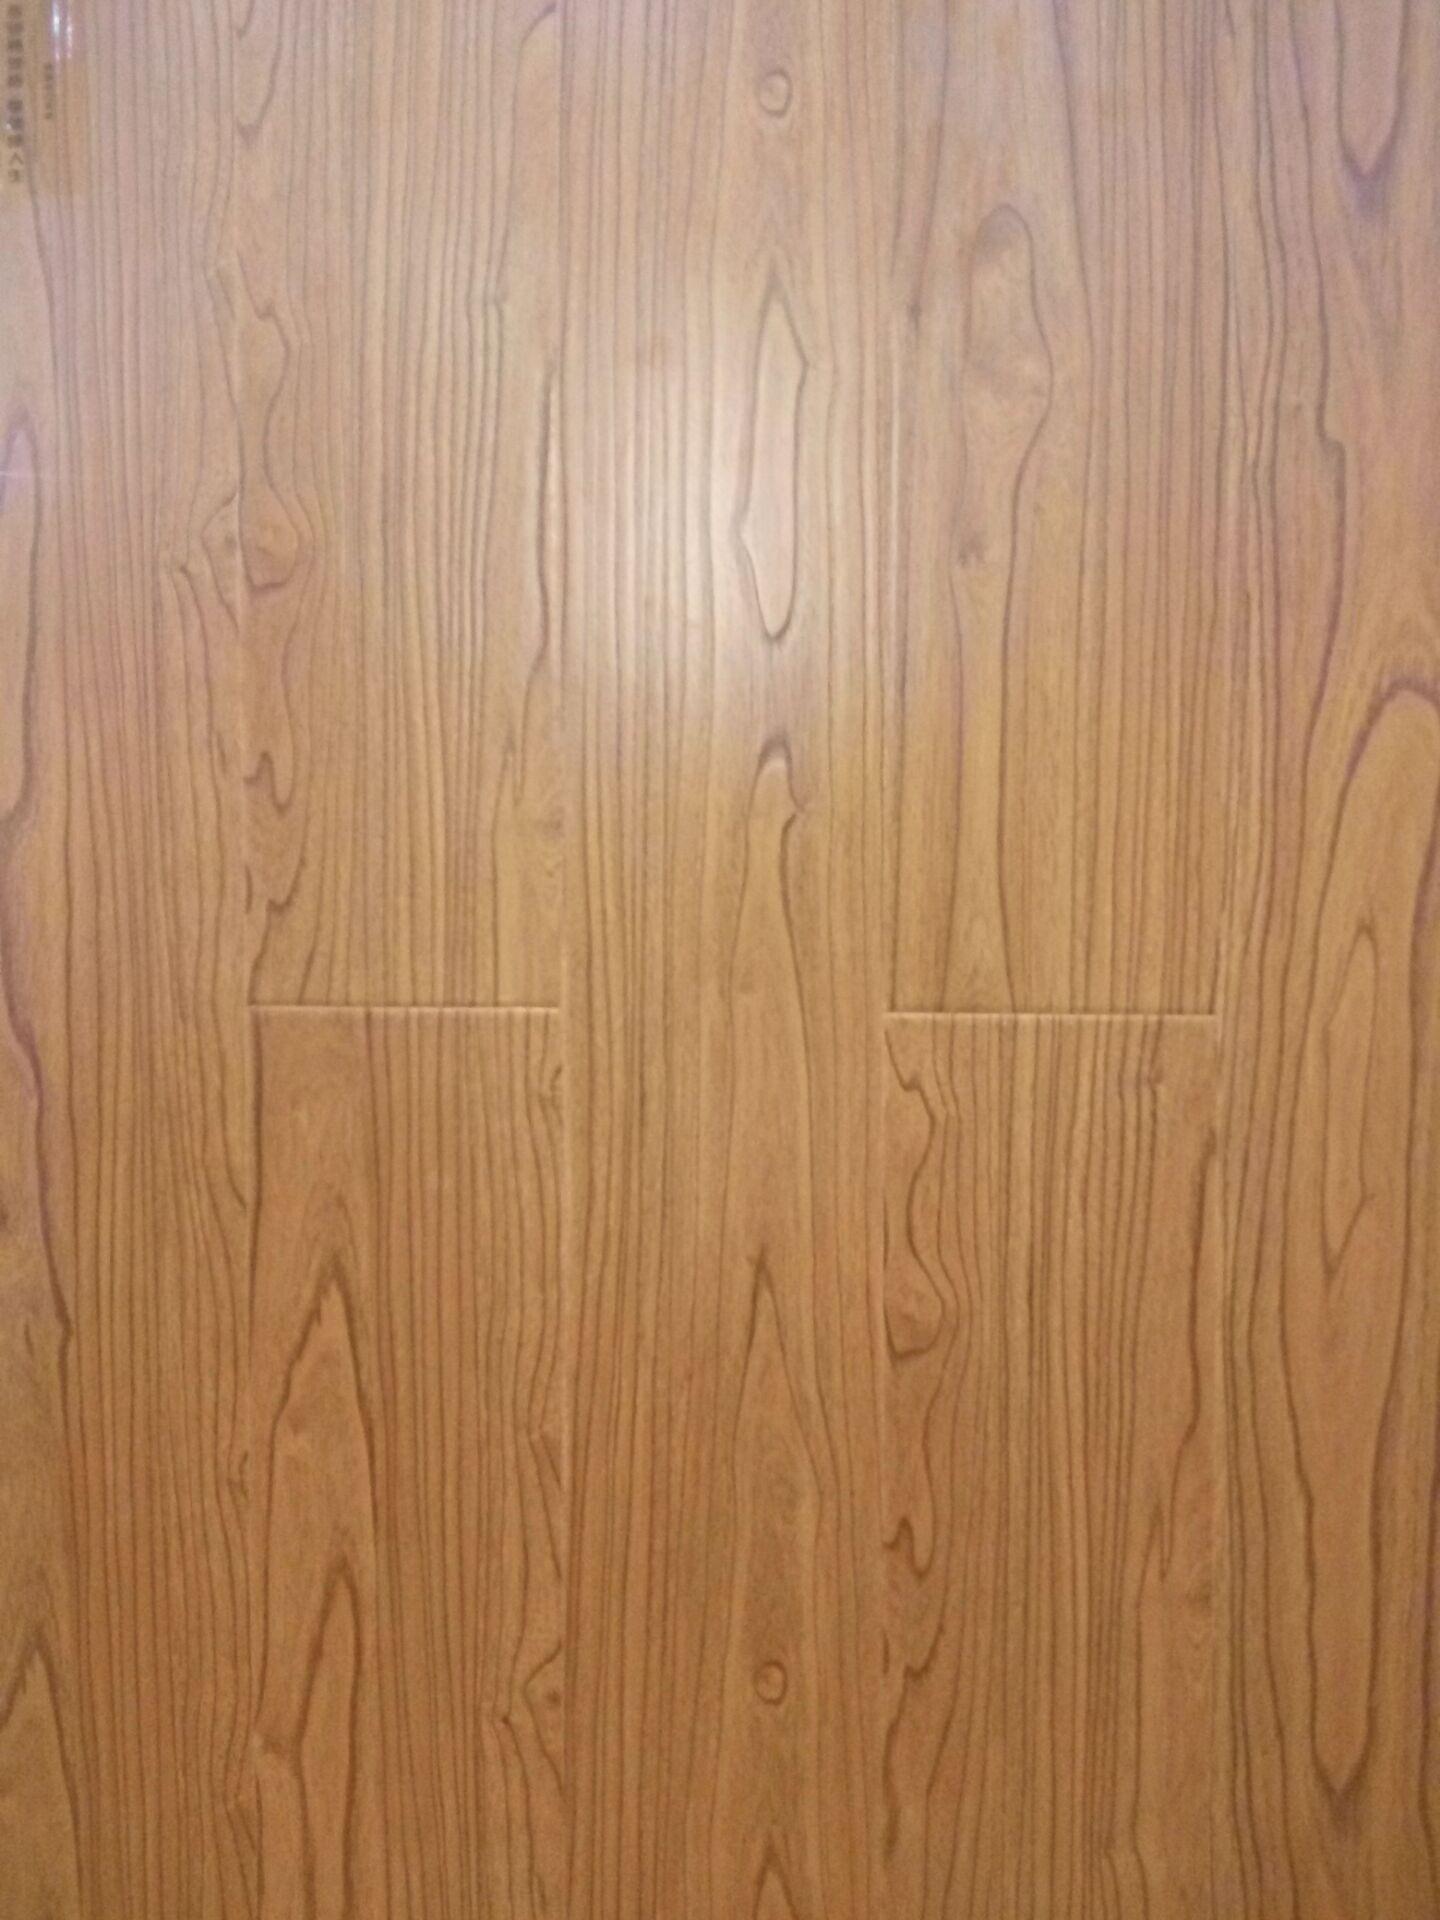 貴陽銀燕地板